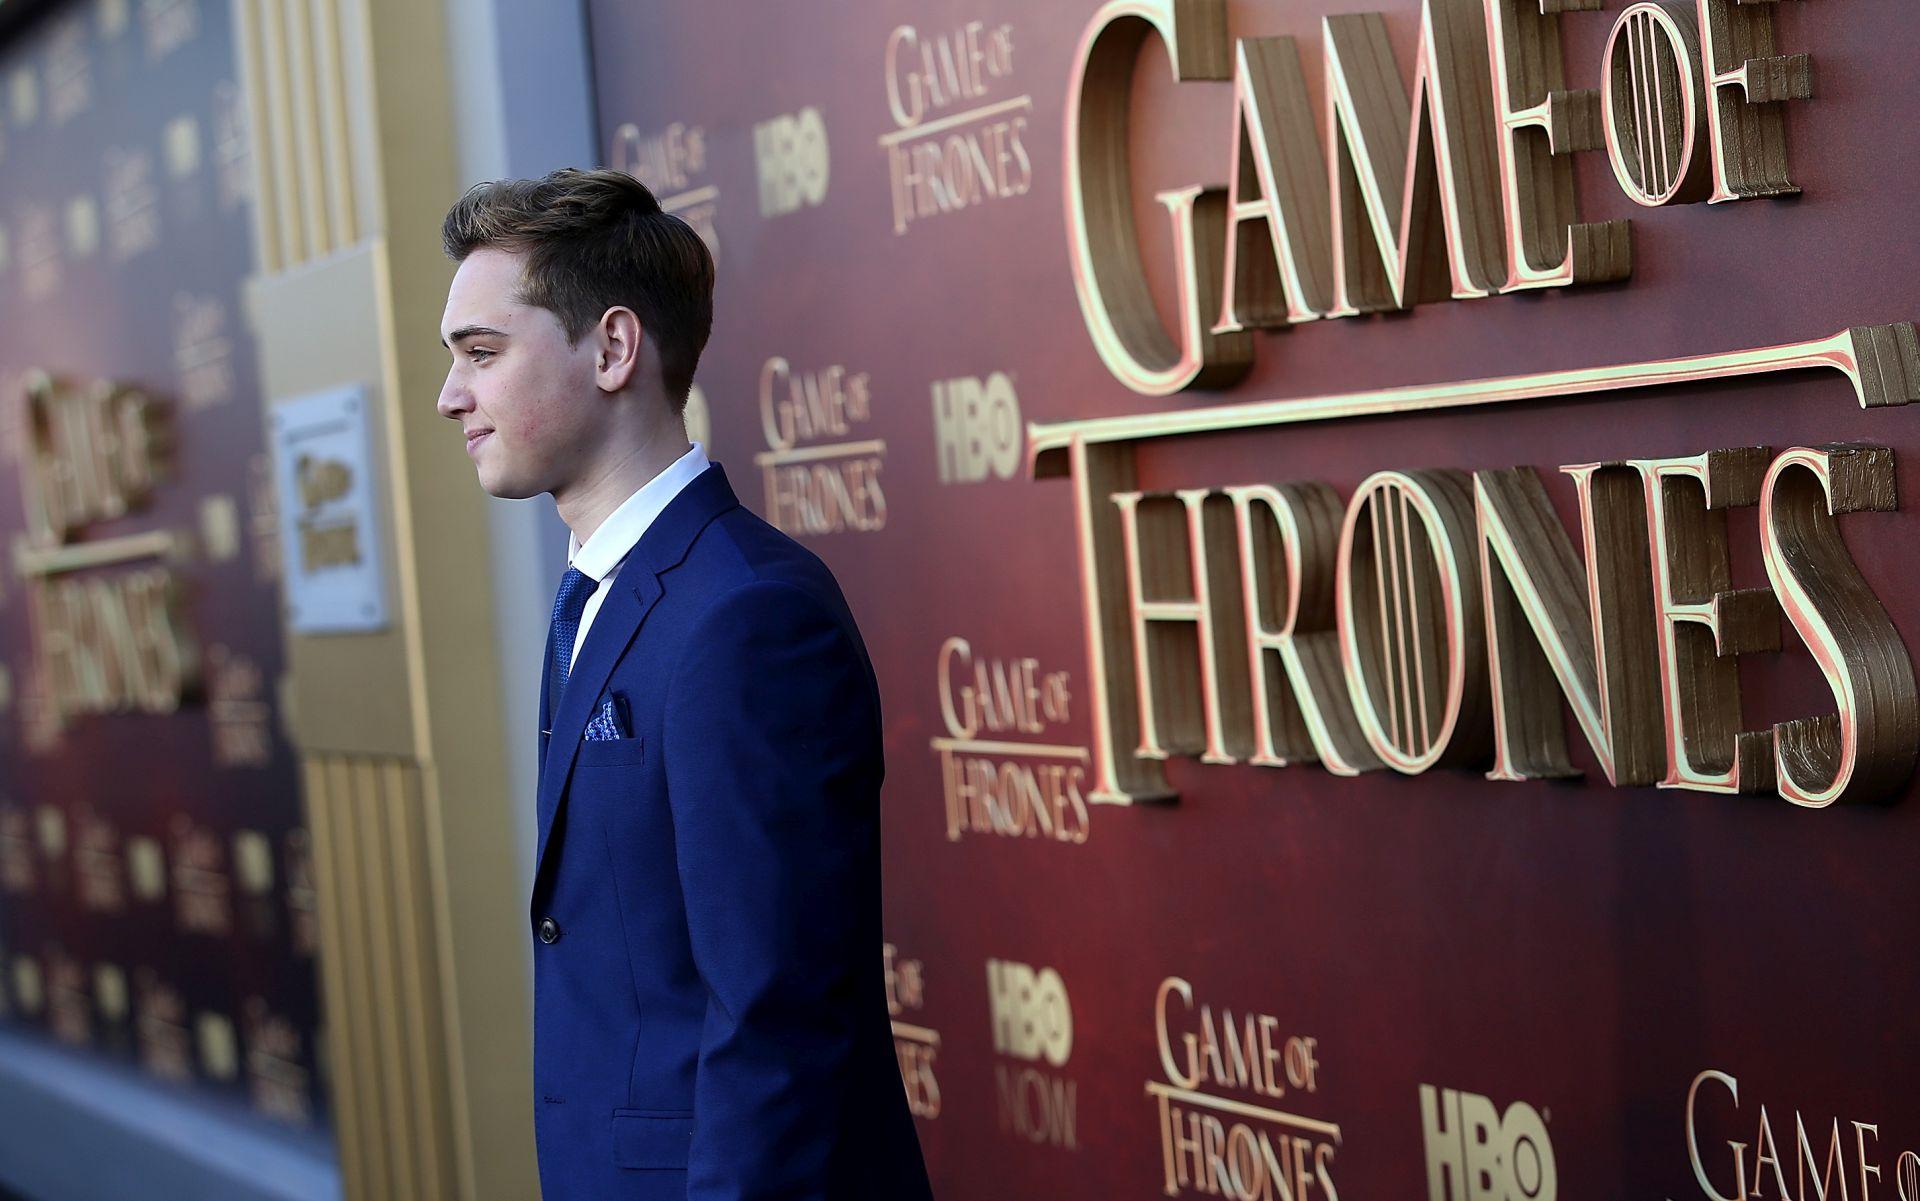 """U ČAK 24 KATEGORIJE """"Igra prijestolja"""" dobila najviše nominacija za Emmy"""